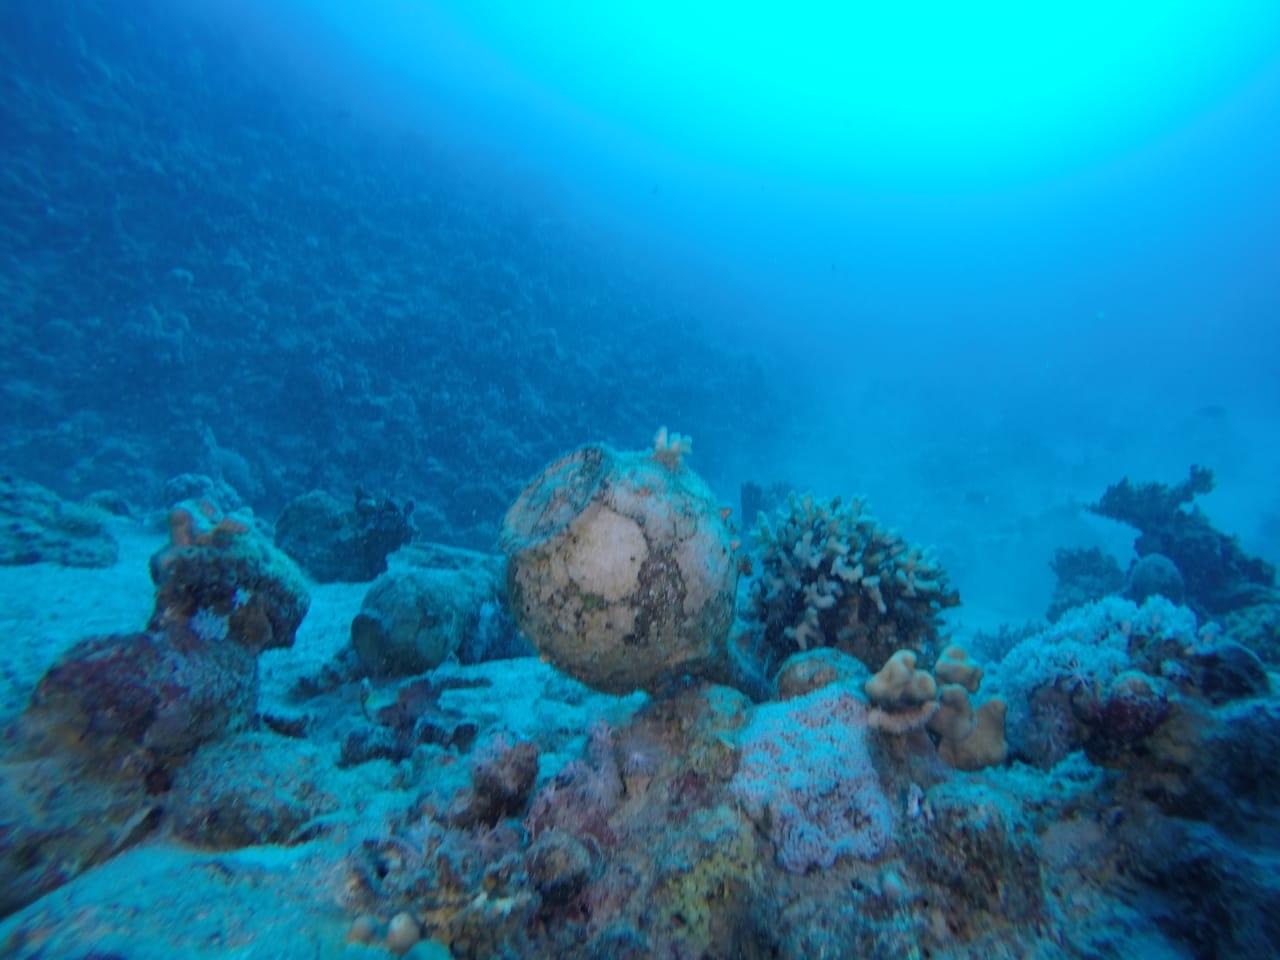 العثور على مقدمة السفينة الغارقة بجزيرة سعدانة بالبحر الأحمر